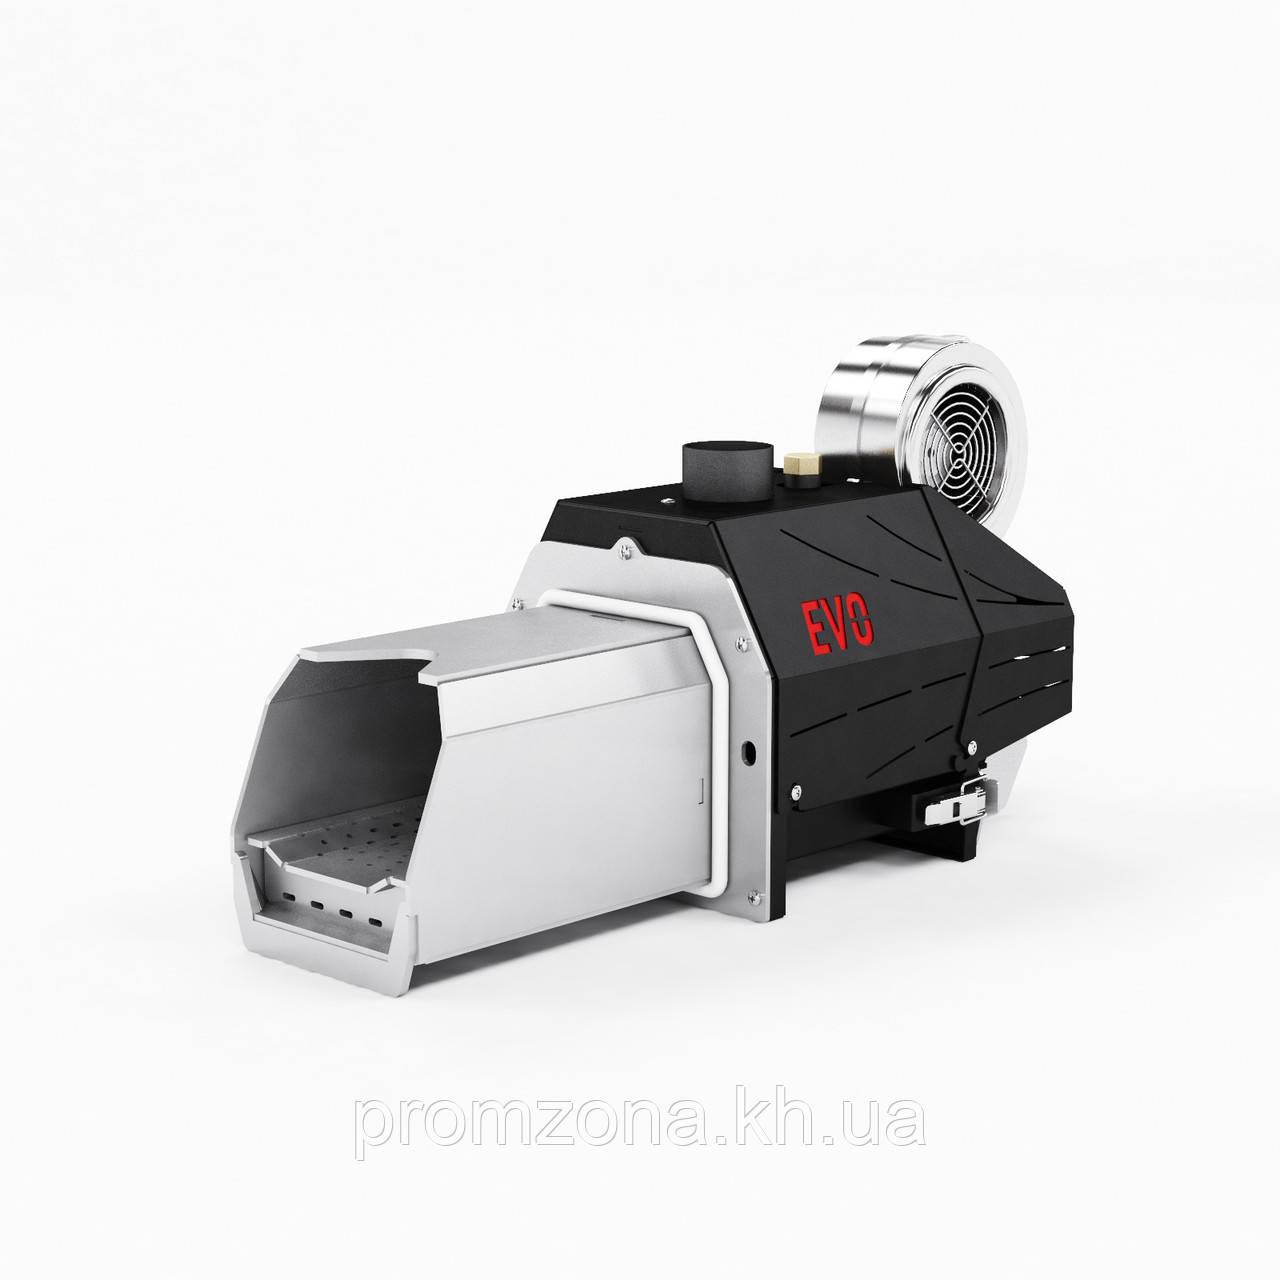 Пеллетная горелка OXI EVO 52 кВт